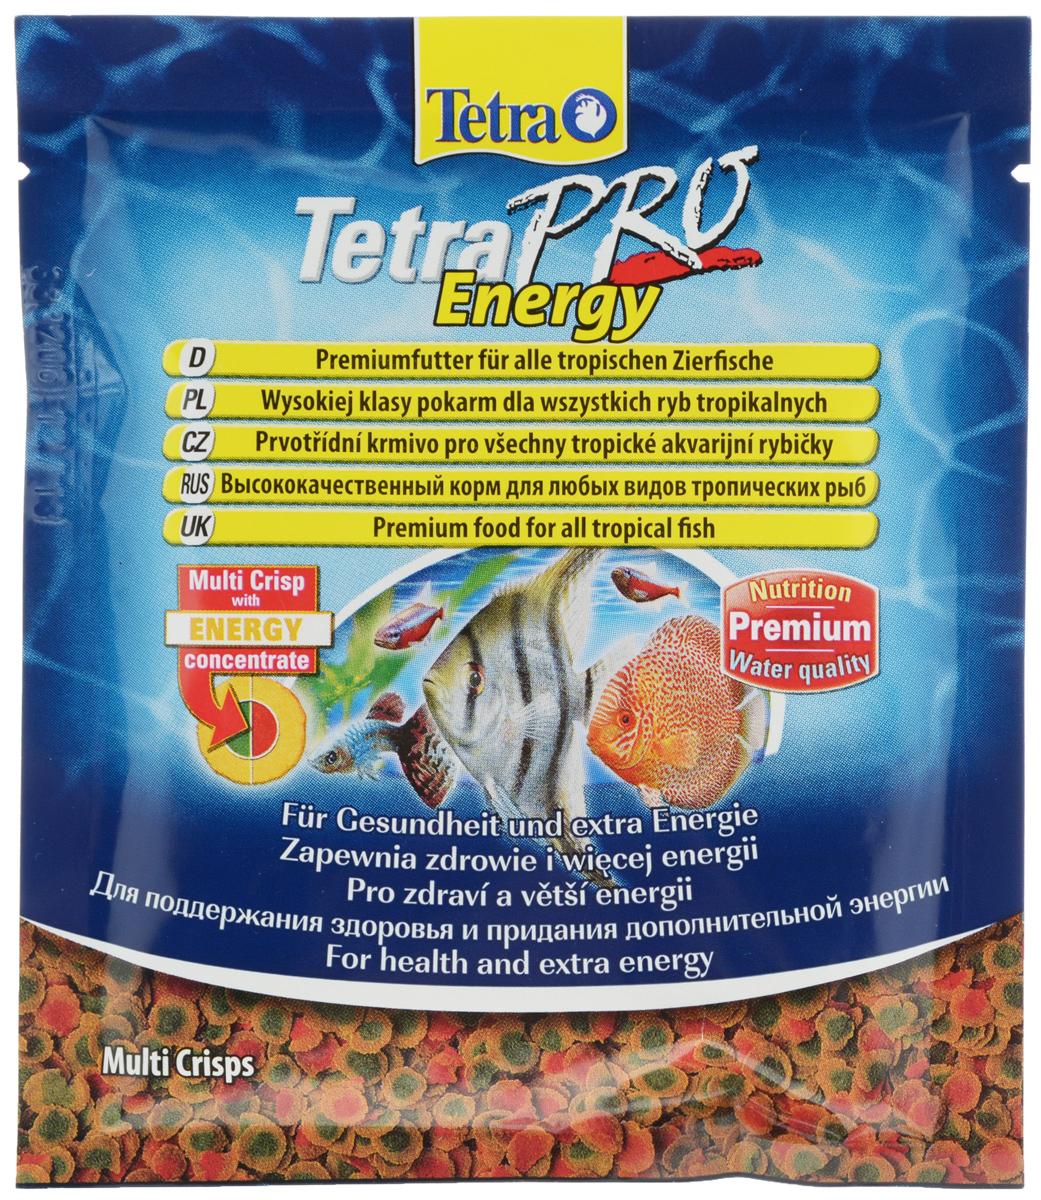 Корм Tetra TetraPro. Energy для всех видов тропических рыб, чипсы, 12 г149335Полноценный высококачественный корм Tetra TetraPro. Energy для всех видов тропических рыб разработан для поддержания здоровья и придания дополнительной энергии. Особенности Tetra TetraPro. Energy:- щадящая низкотемпературная технология изготовления обеспечивает высокую питательную ценность и стабильность витаминов;- энергетический концентрат для дополнительной энергии;- инновационная форма чипсов для минимального загрязнения воды отходами;- легкое кормление. Рекомендации по кормлению: кормить несколько раз в день маленькими порциями. Состав: рыба и побочные рыбные продукты, зерновые культуры, экстракты растительного белка, дрожжи, моллюски и раки, масла и жиры, водоросли, сахар.Аналитические компоненты: сырой белок - 46%, сырые масла и жиры - 12%, сырая клетчатка - 2,0%, влага - 9%.Добавки: витамины, провитамины и химические вещества с аналогичным воздействием: витамин А 29880 МЕ/кг, витамин Д3 1865 МЕ/кг, Л-карнитин 123 мг/кг. Комбинации элементов: Е5 Марганец 67 мг/кг, Е6 Цинк 40 мг/кг, Е1 Железо 26 мг/кг, Е3 Кобальт 0,6 мг/кг. Красители, консерванты, антиоксиданты. Товар сертифицирован.